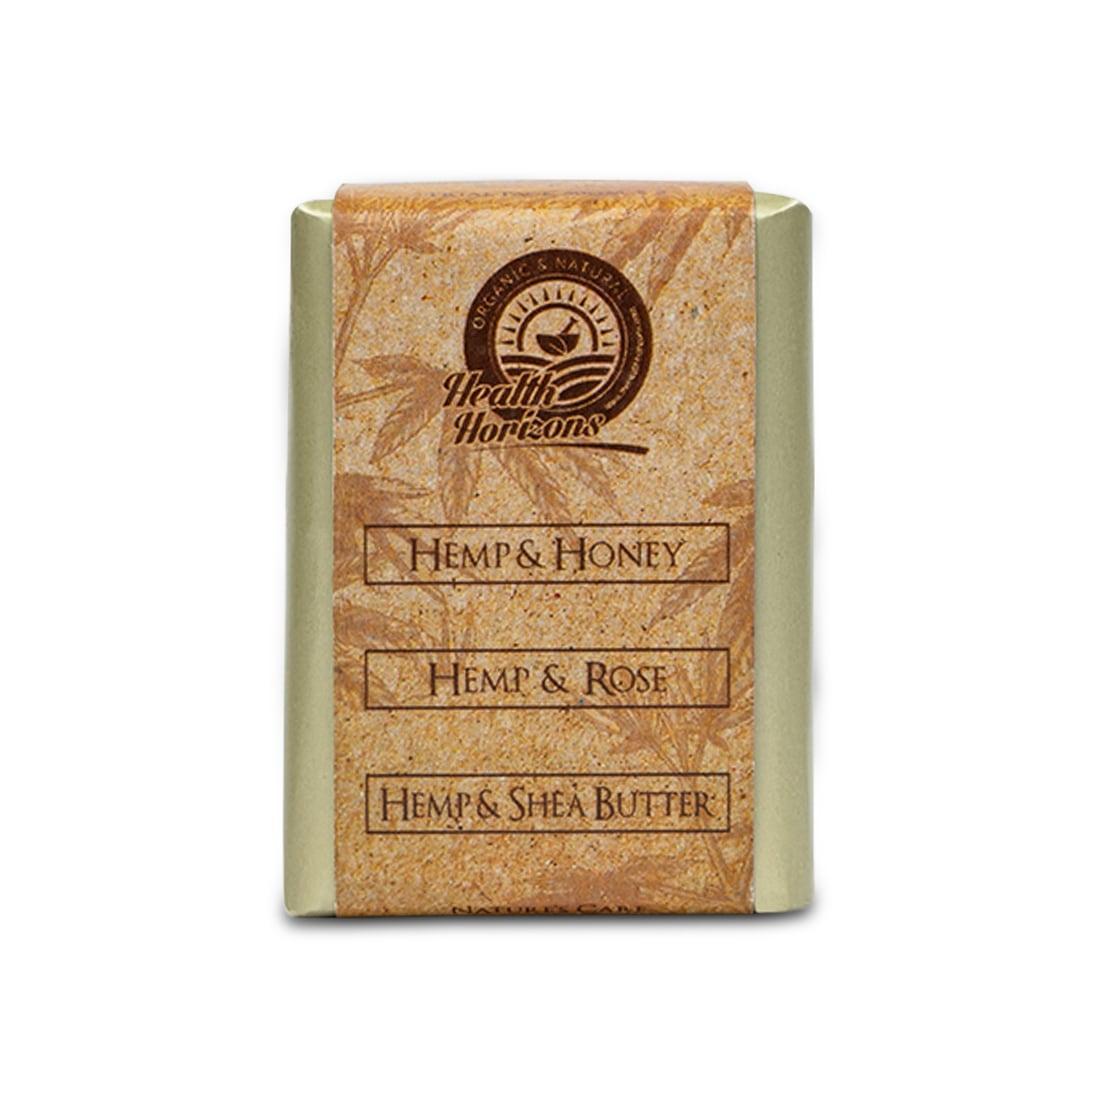 organic soap honey shea butter with hemp for glowing skin